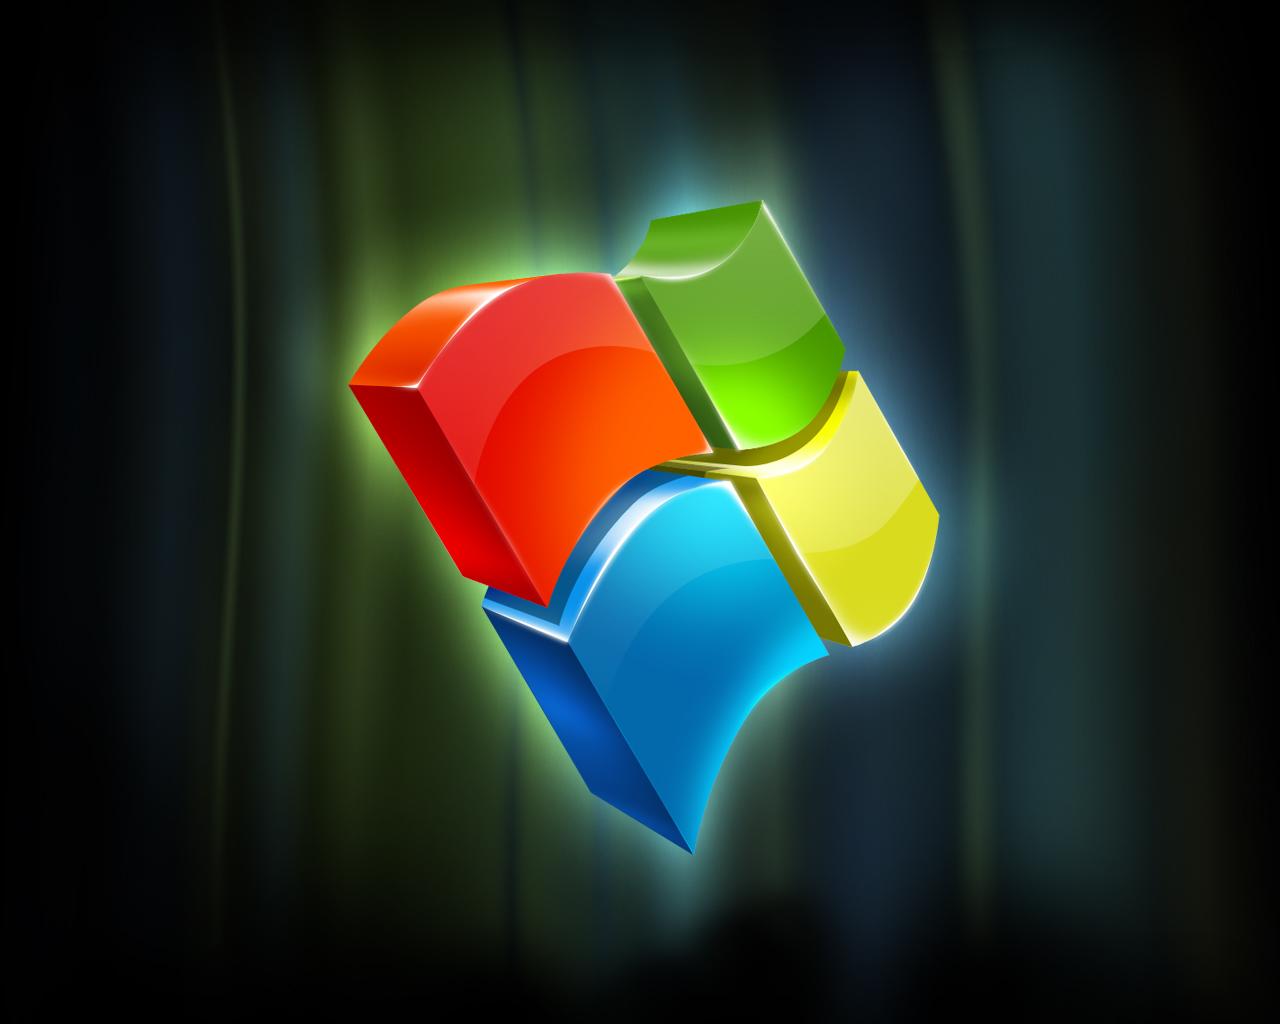 windows 8 3 d - photo #27